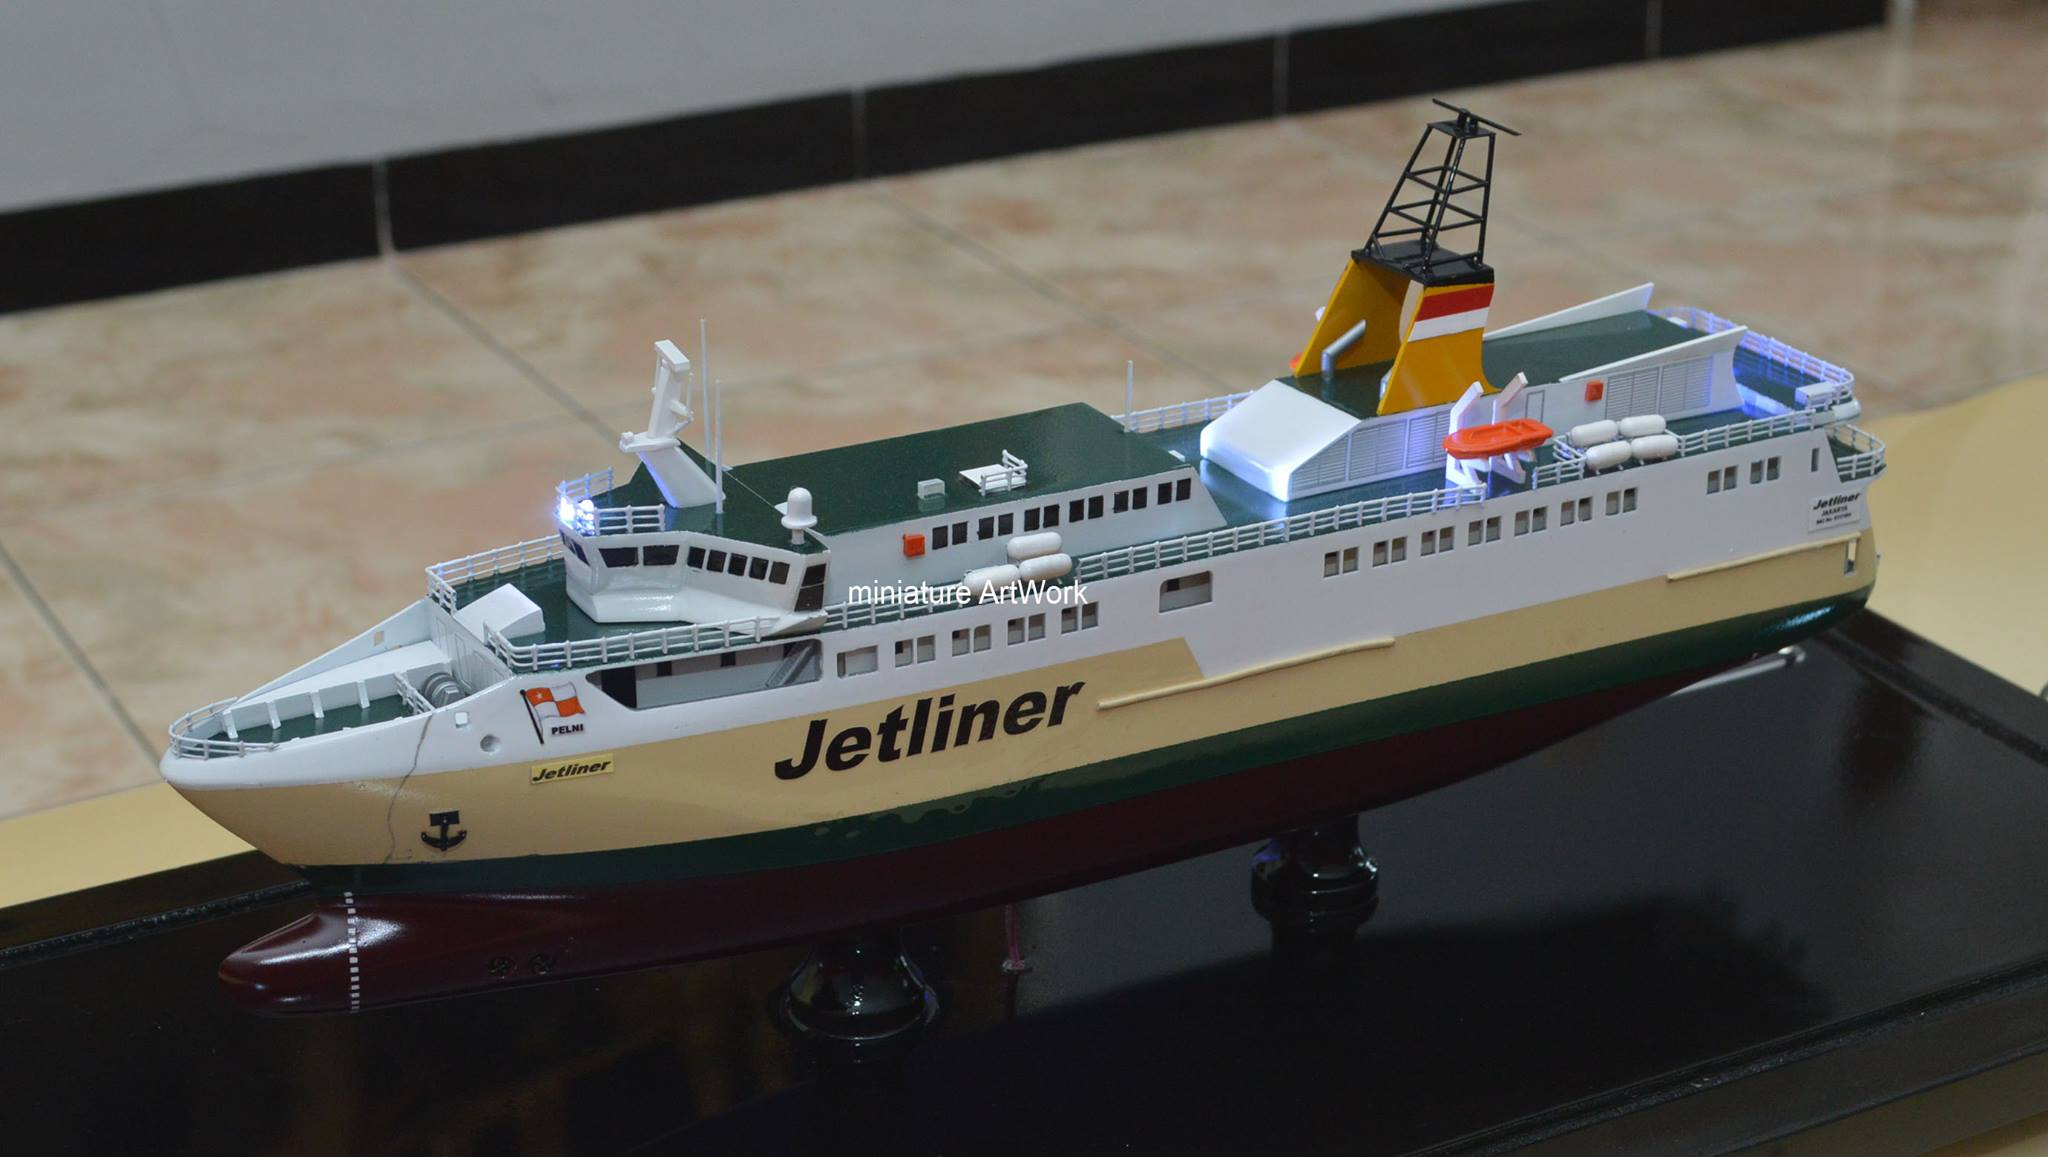 foto gambar desain sketsa miniatur kapal ferry cepat kfc jetliner milik pelni rumpun artwork planet kapal indonesia terbaru